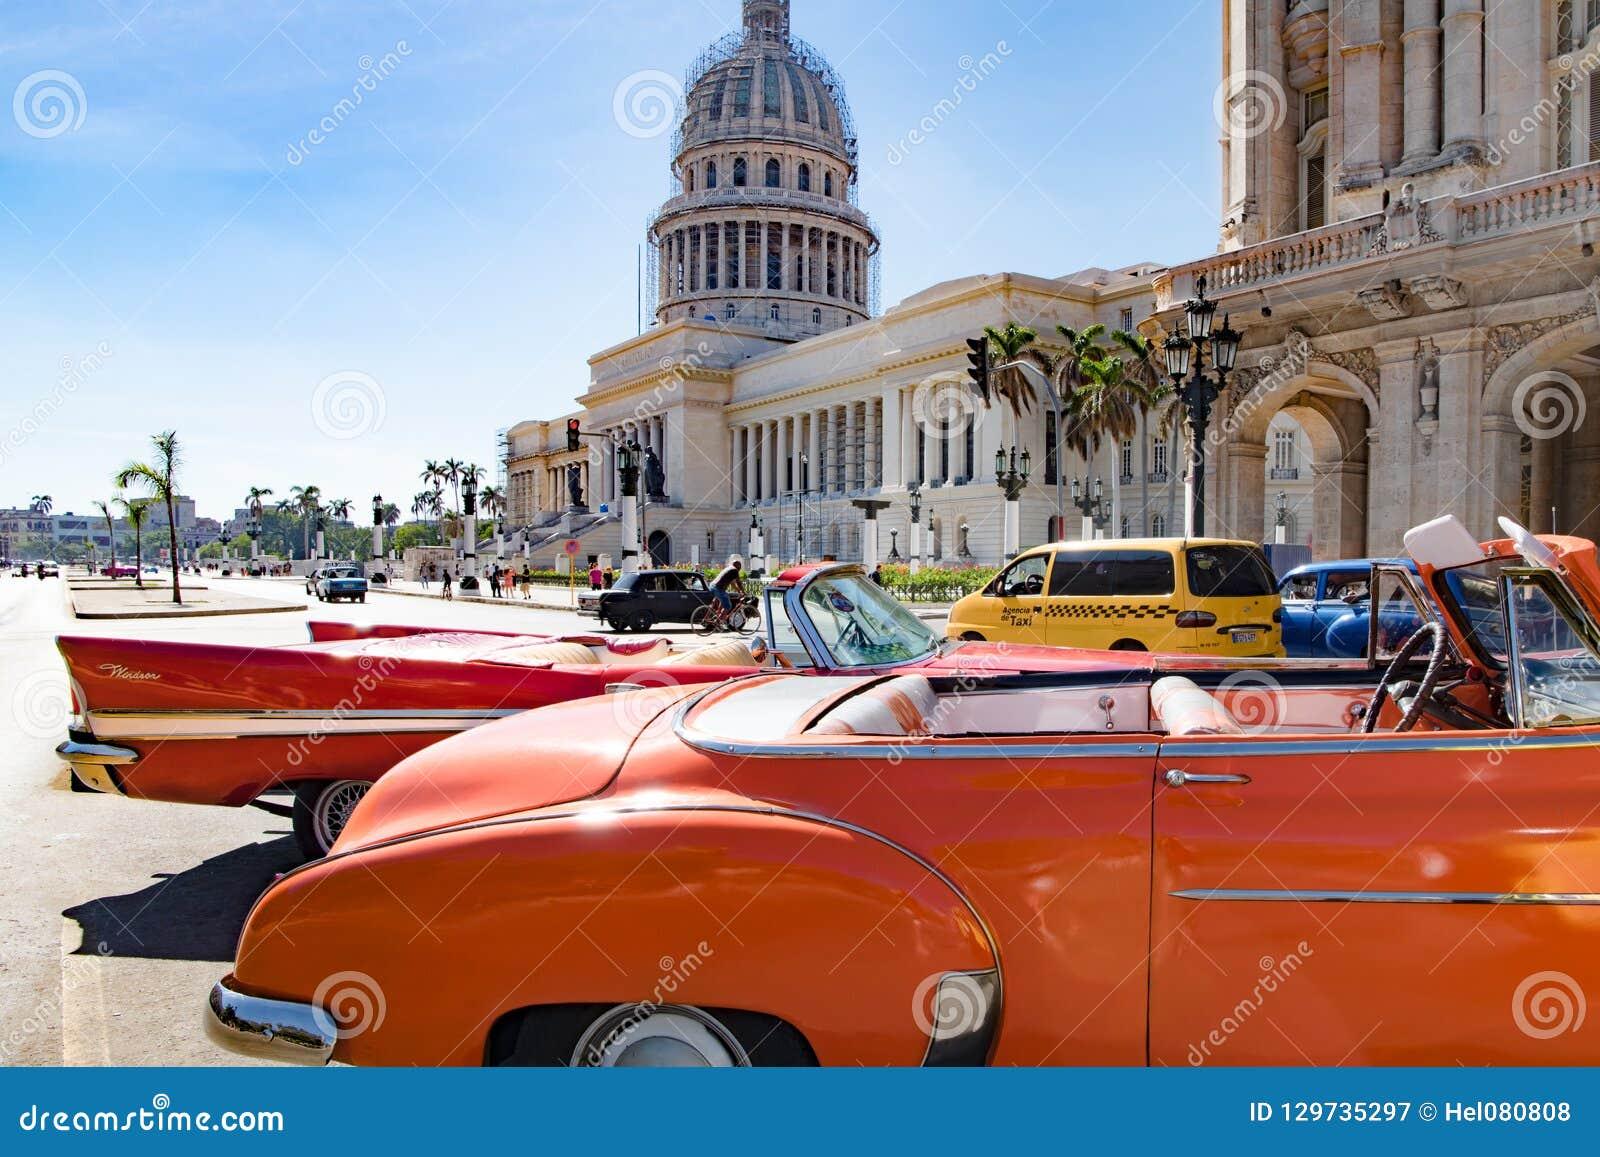 美国经典汽车橙色防御者在Capitolio,哈瓦那,古巴前面的